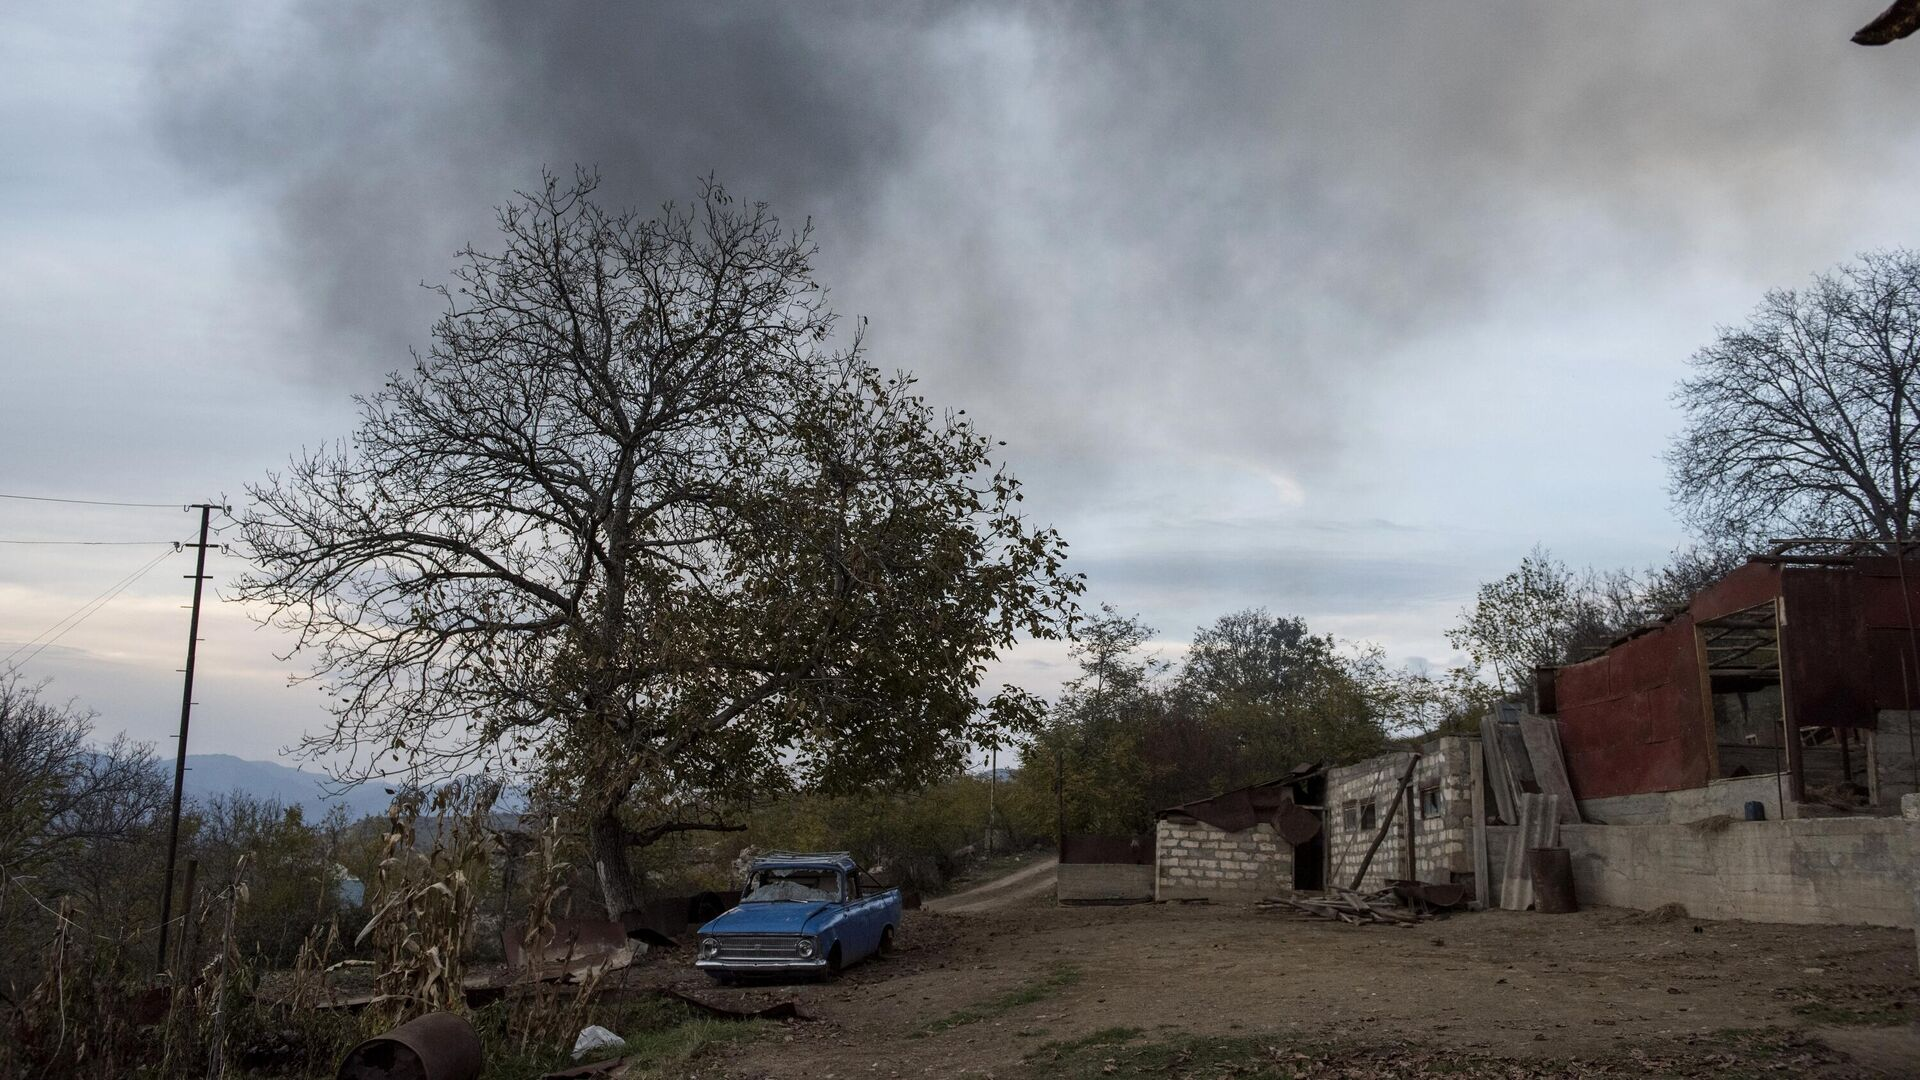 Разбитый автомобиль на улице в поселке Карегах в Нагорном Карабахе - РИА Новости, 1920, 26.11.2020